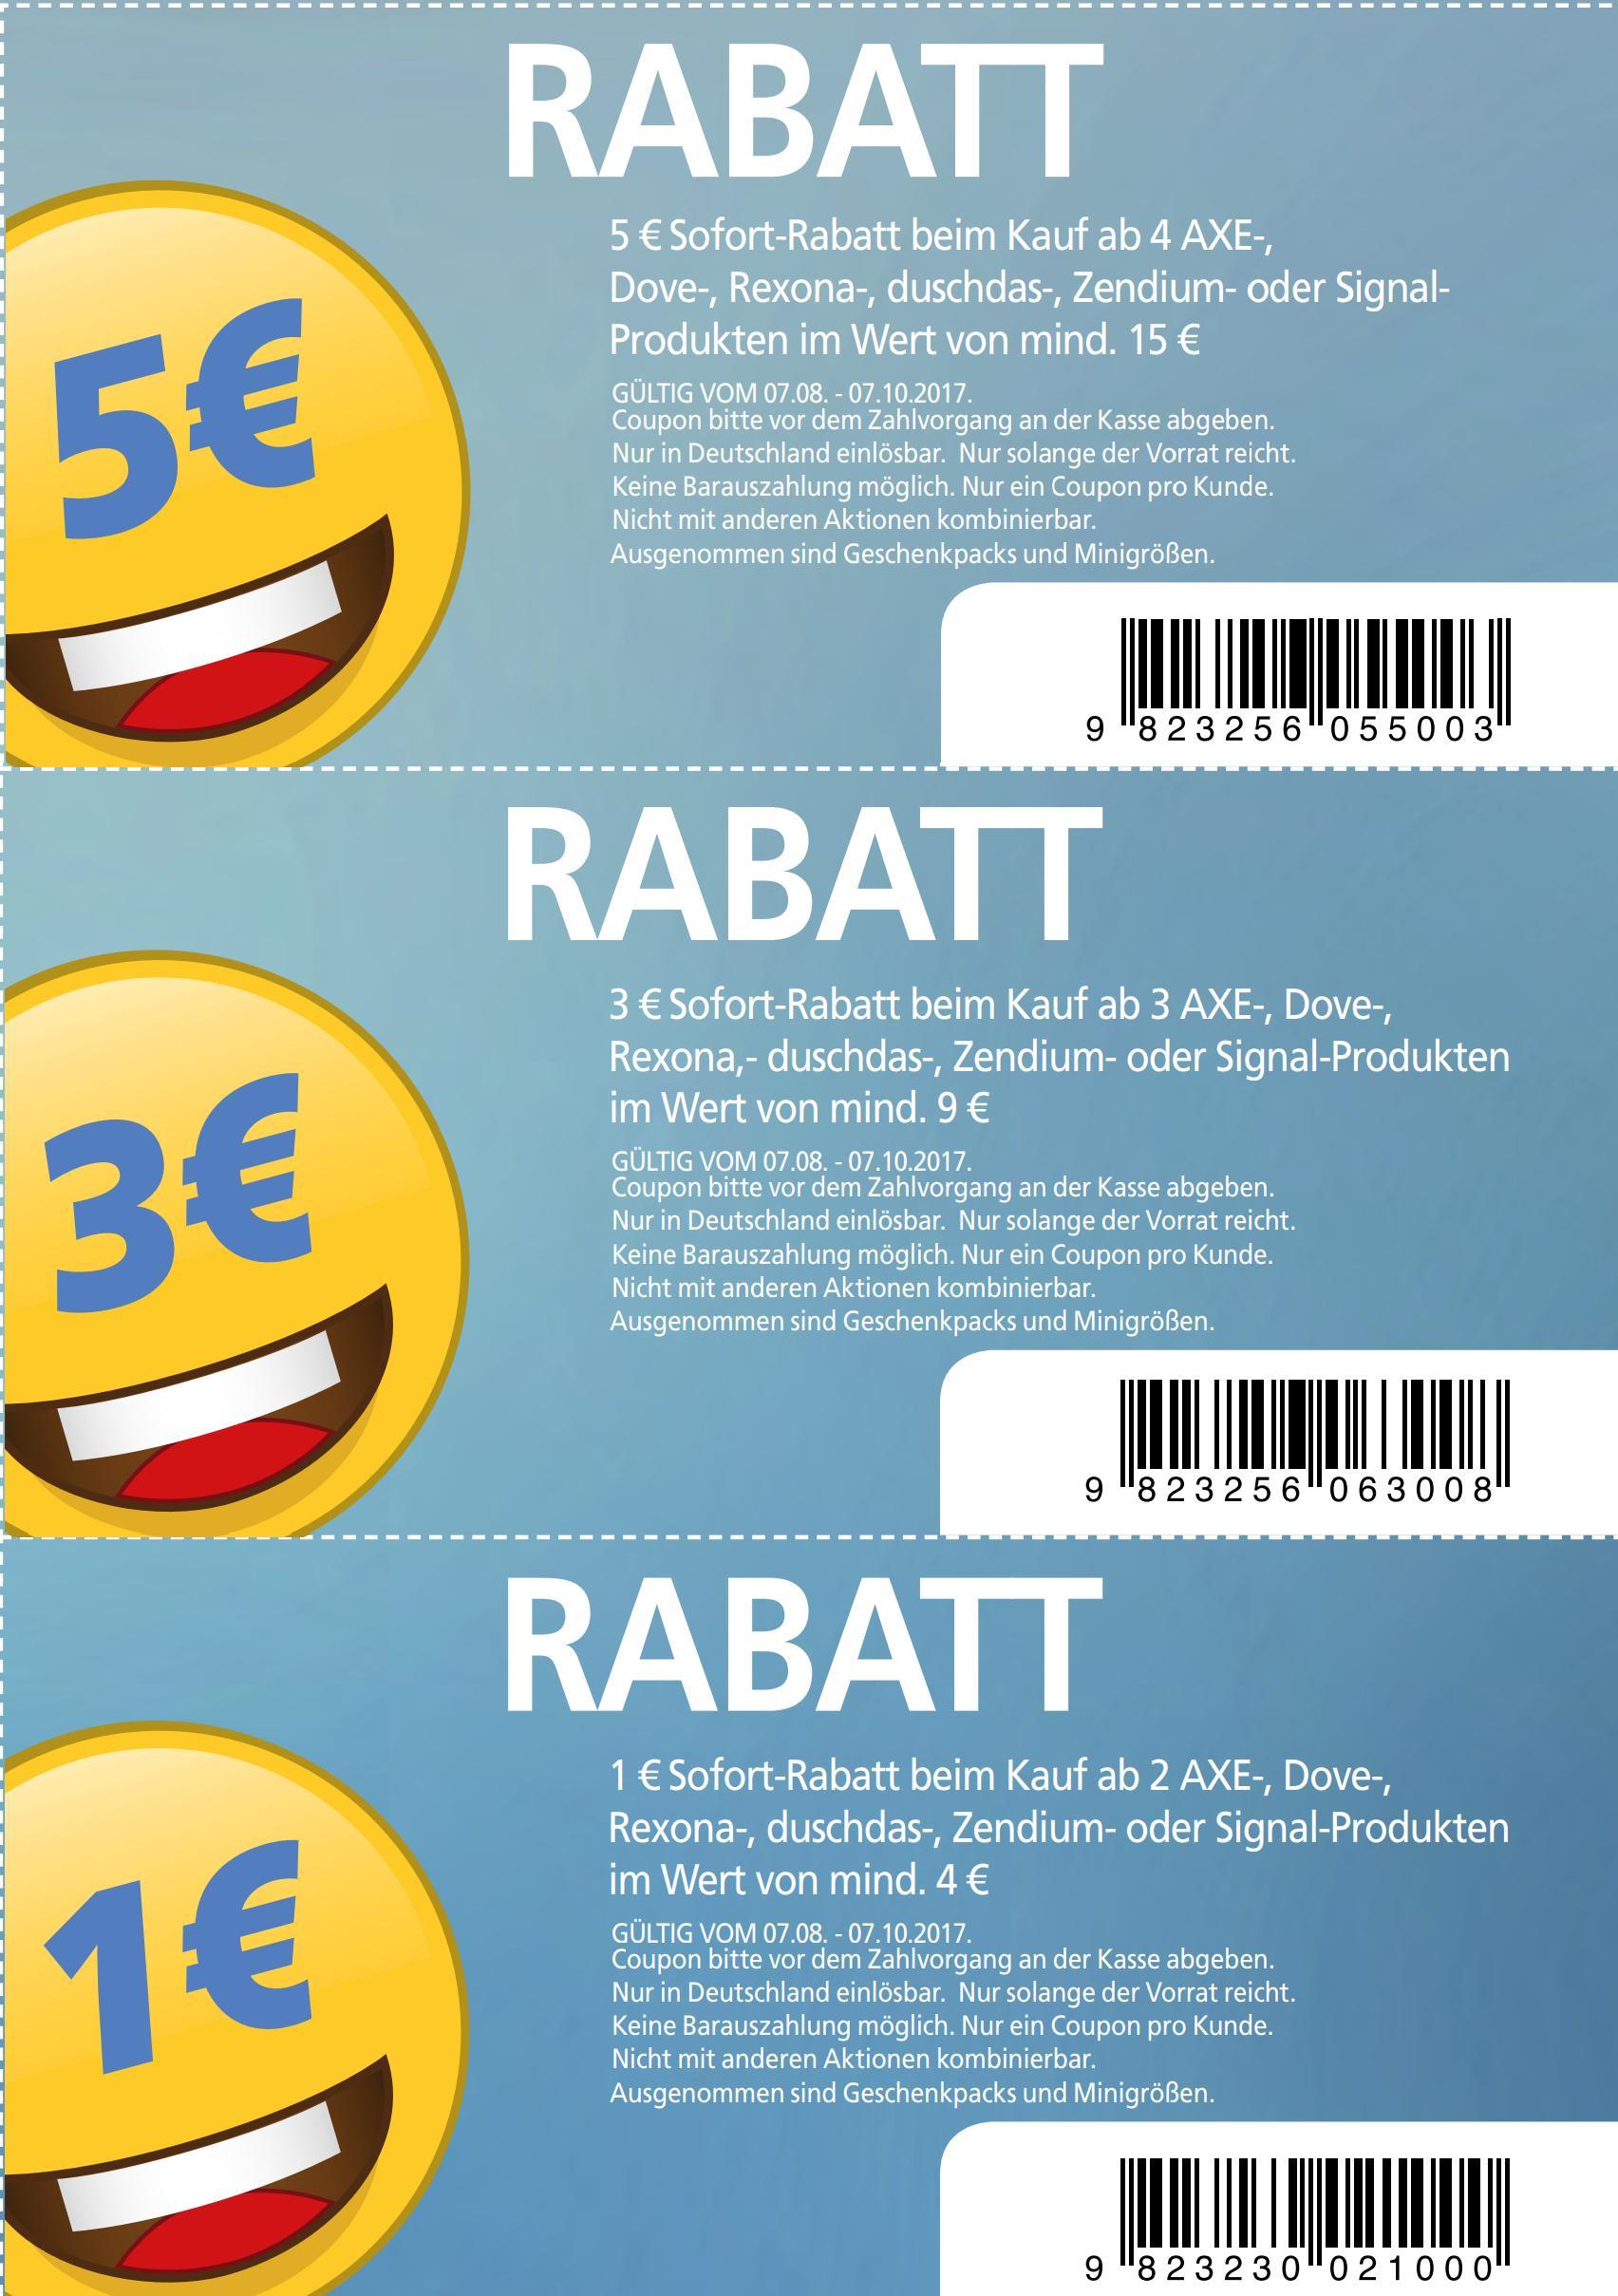 1€/3€/5€ Prospekt-Coupons auf Axe / Dove / Rexona / Duschdas / Signal / Zendium Produkte im Wert von 4€/9€/15€ bis 07.10.2017 [Bundesweit (auch Rossmann) + zum Ausdrucken]